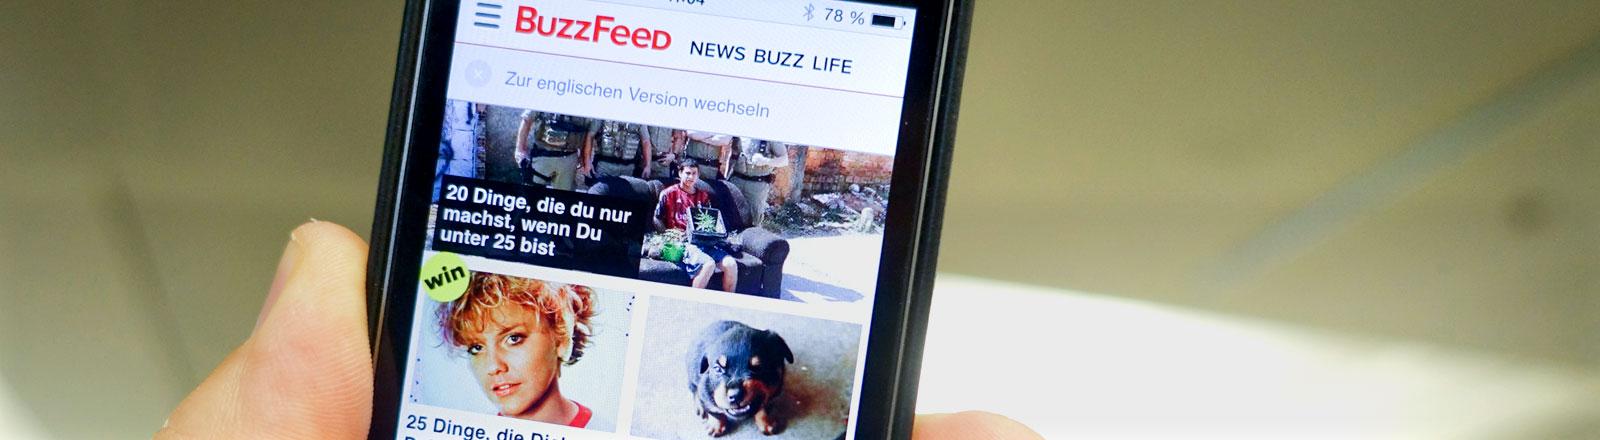 Auf einem Handydisplay ist am 16.10.2014 in Berlin der deutsche Internetauftritt des US-amerikanischen Online-Portals Buzzfeed zu sehen.